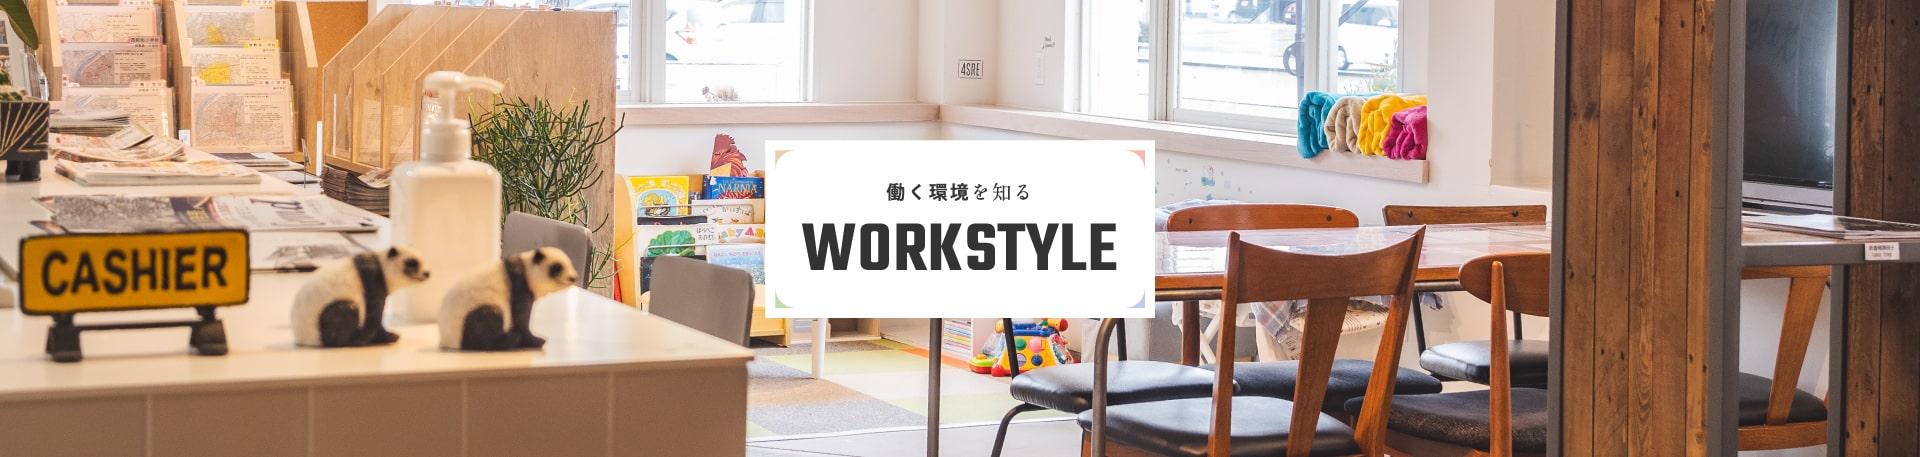 働く環境を知る workstyle